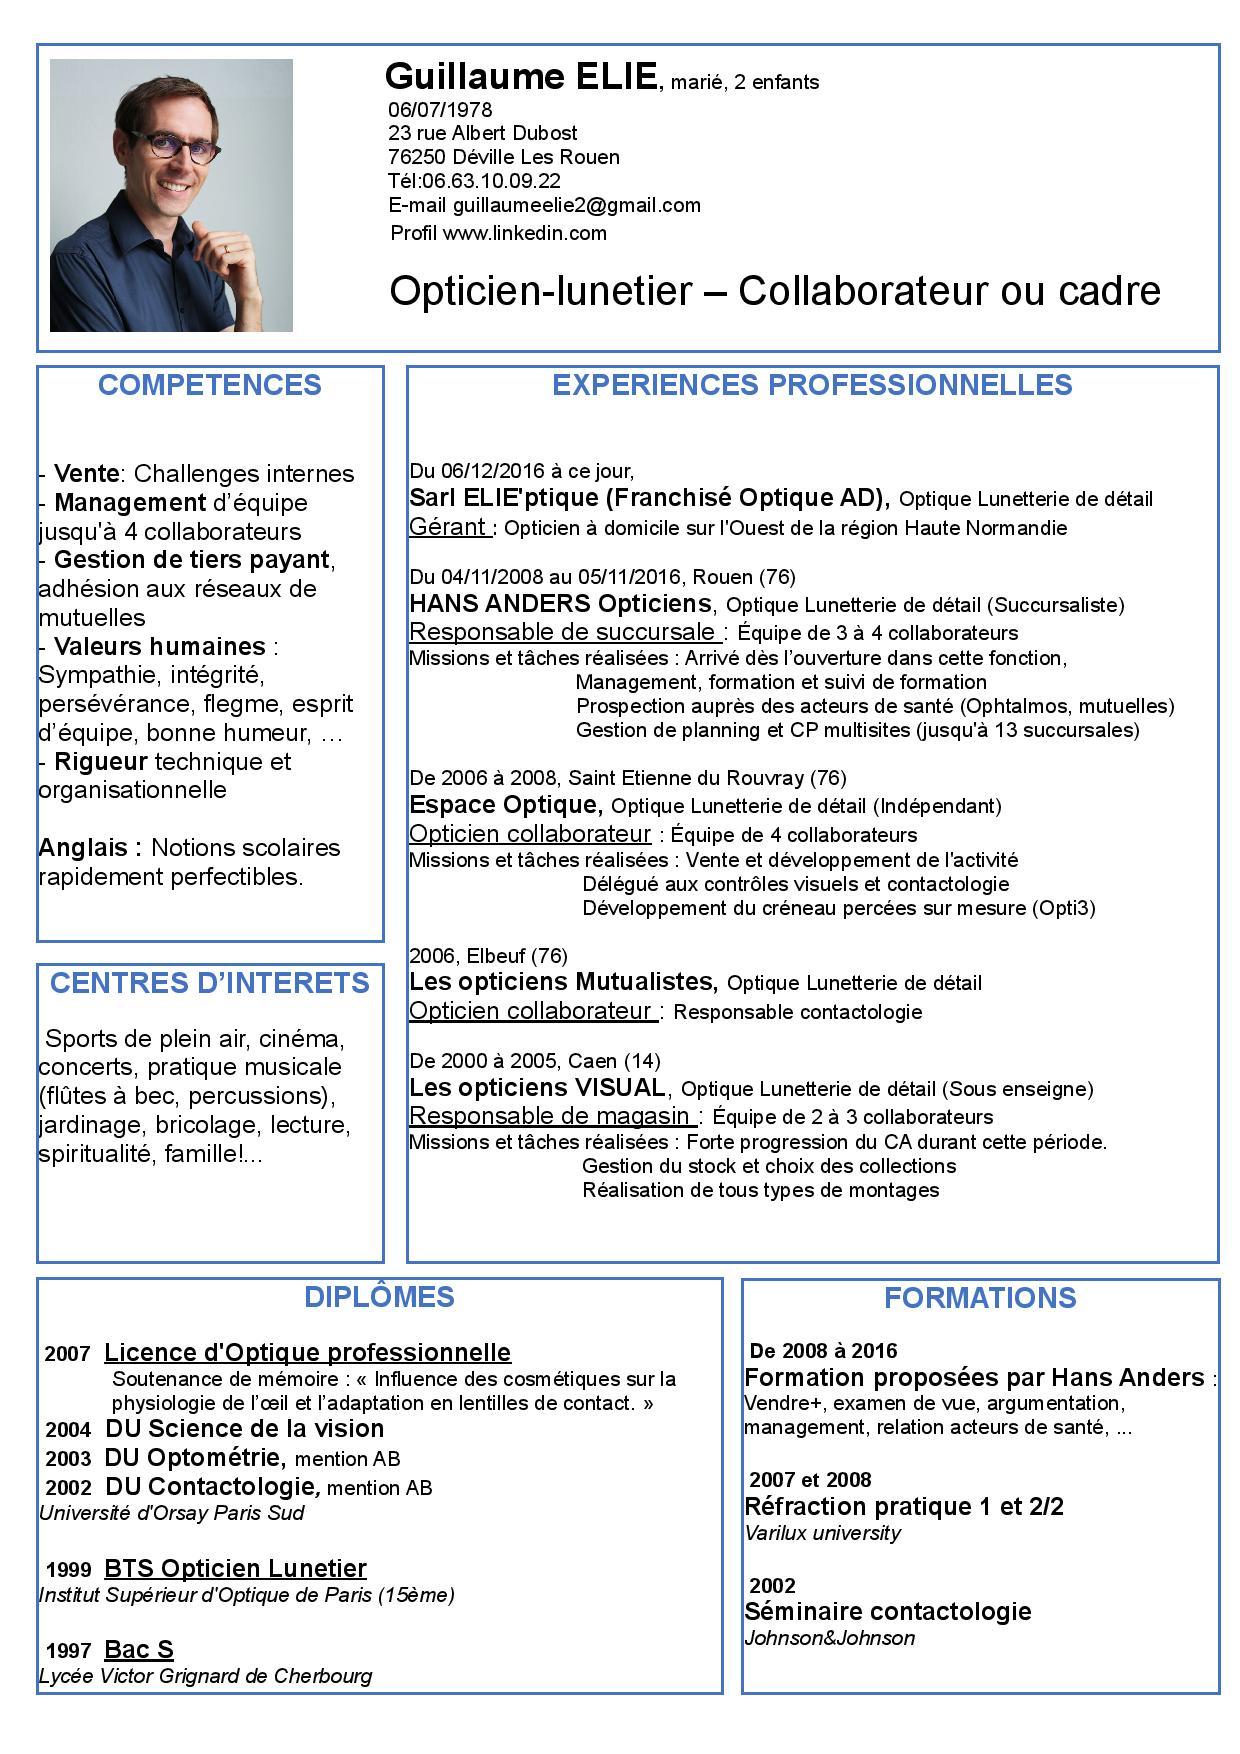 opticien collaborateur ou cadre